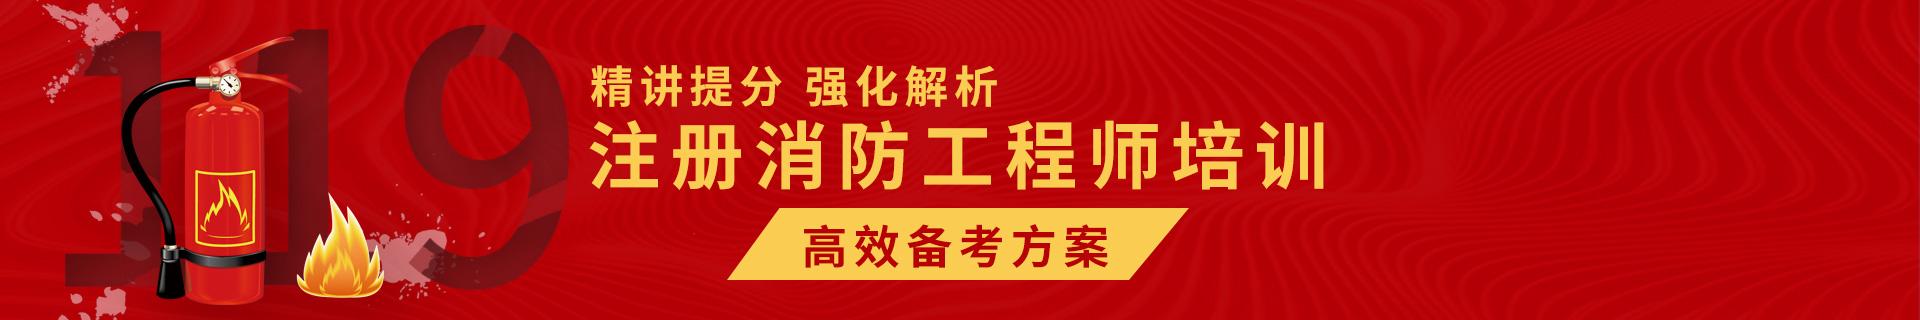 天津塘沽优路教育培训学校